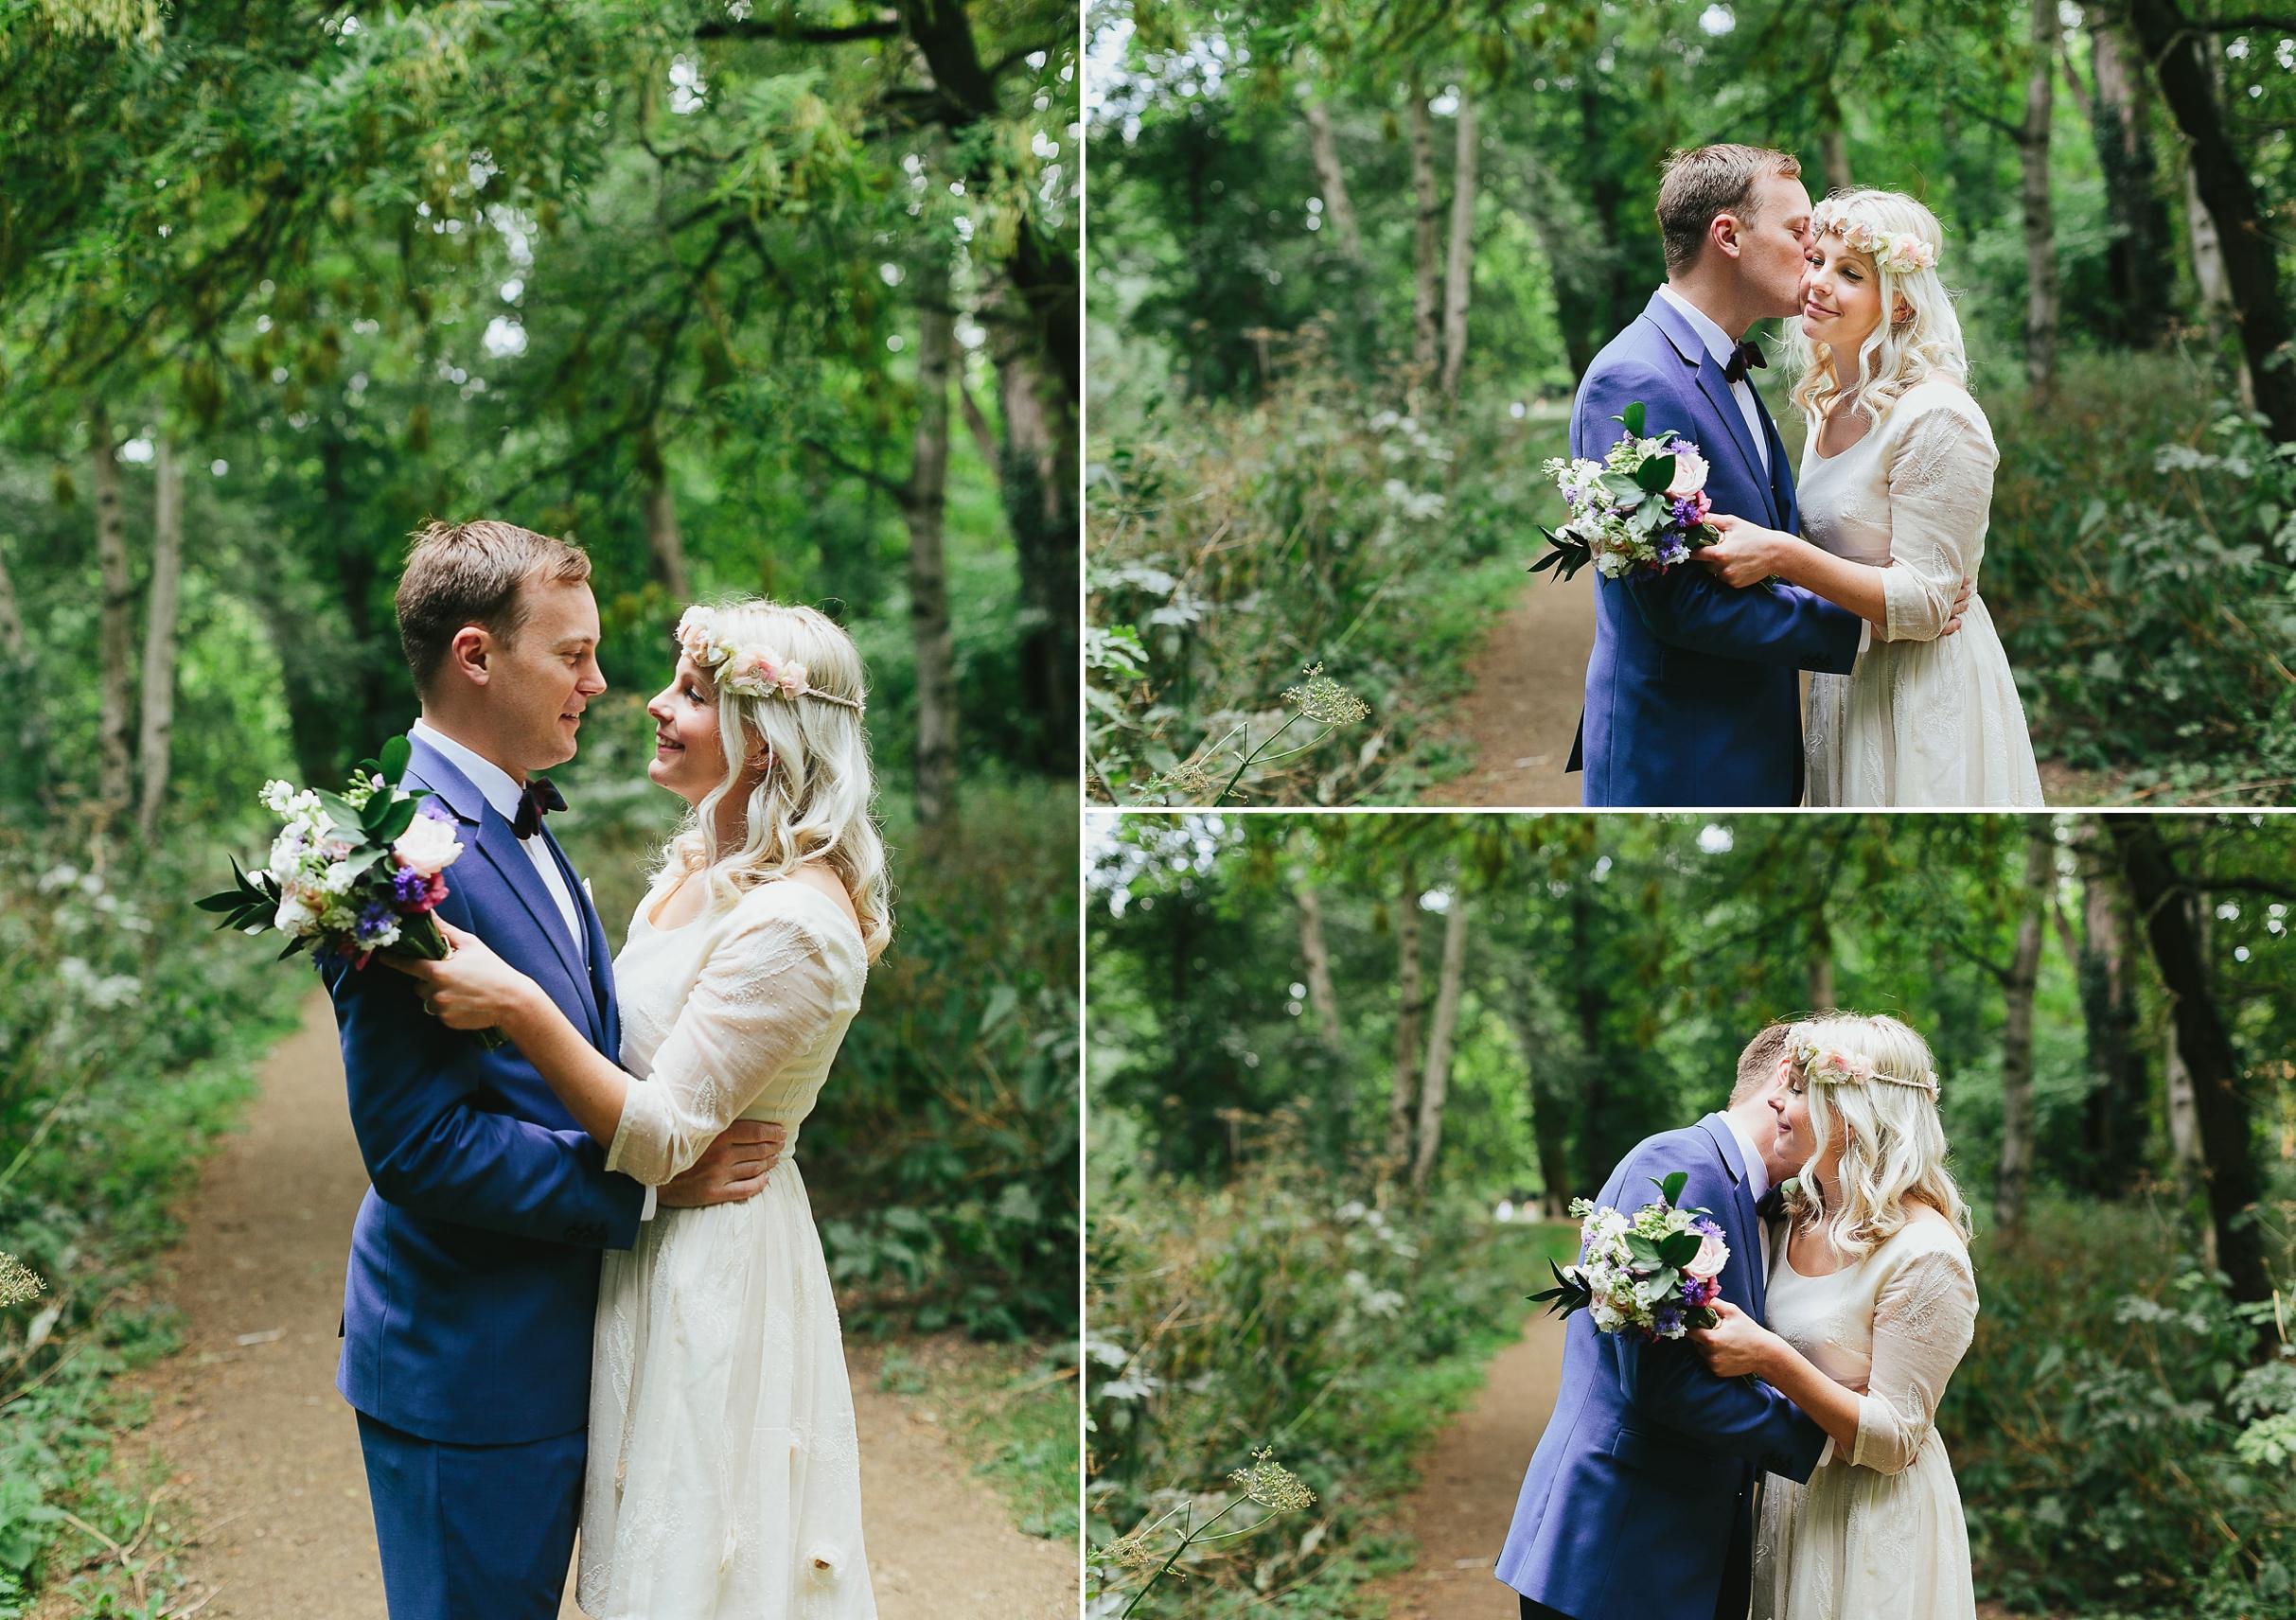 Orleans House Gallery wedding - Lexi & Matt